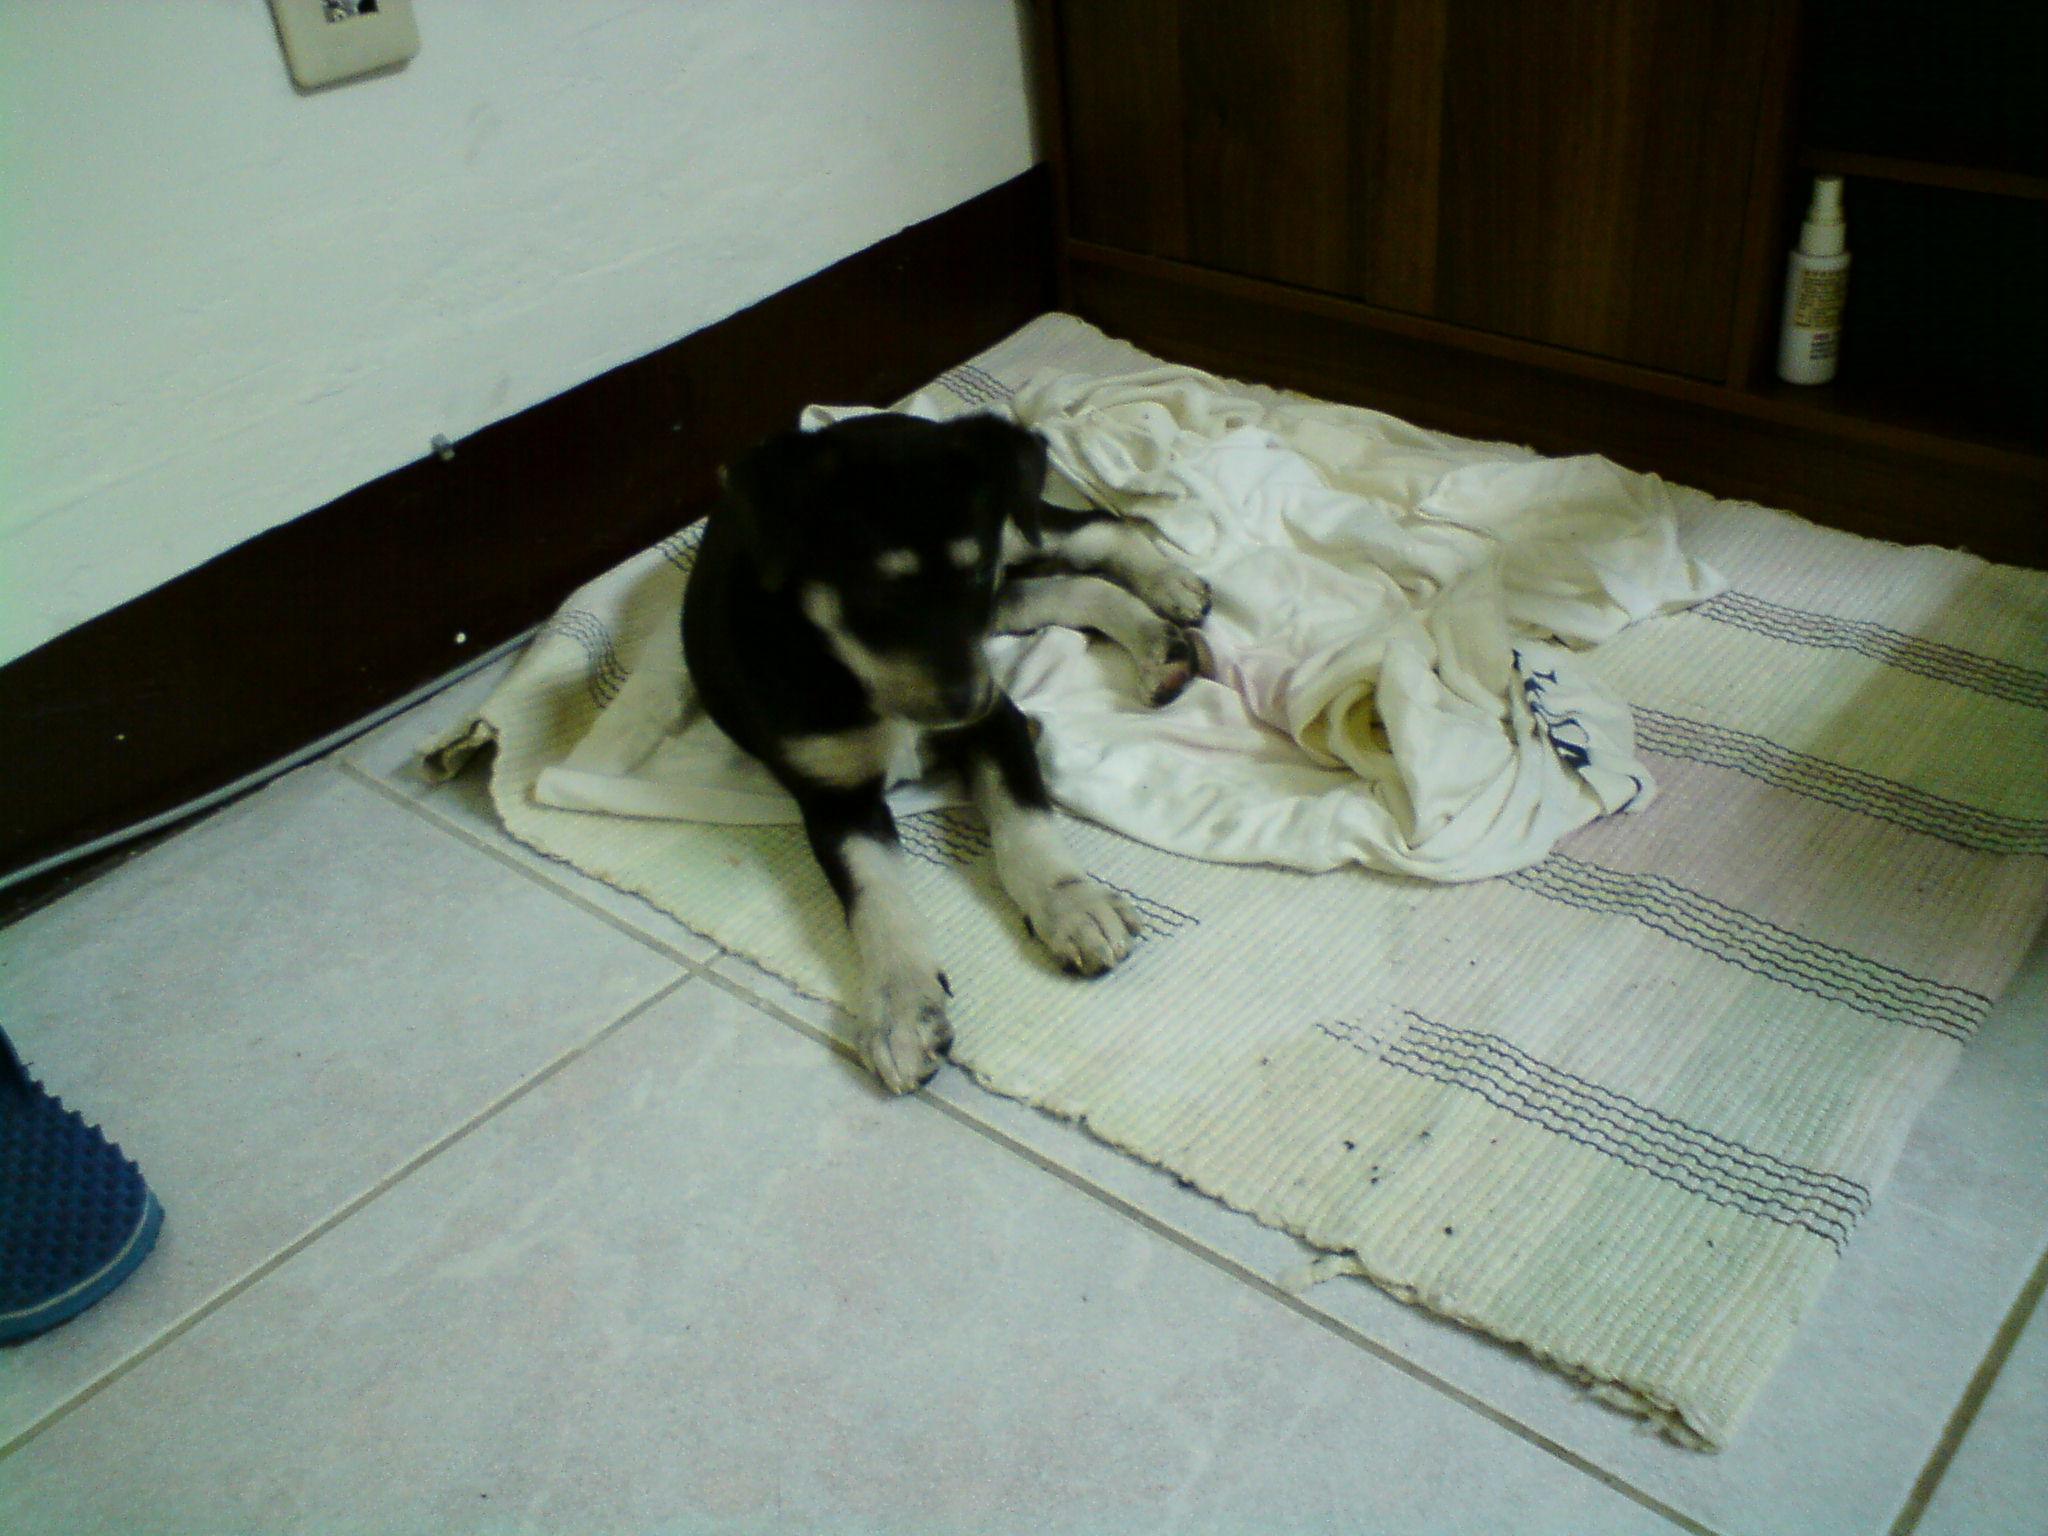 小秋已經選擇好睡覺的地方了 (991201 )